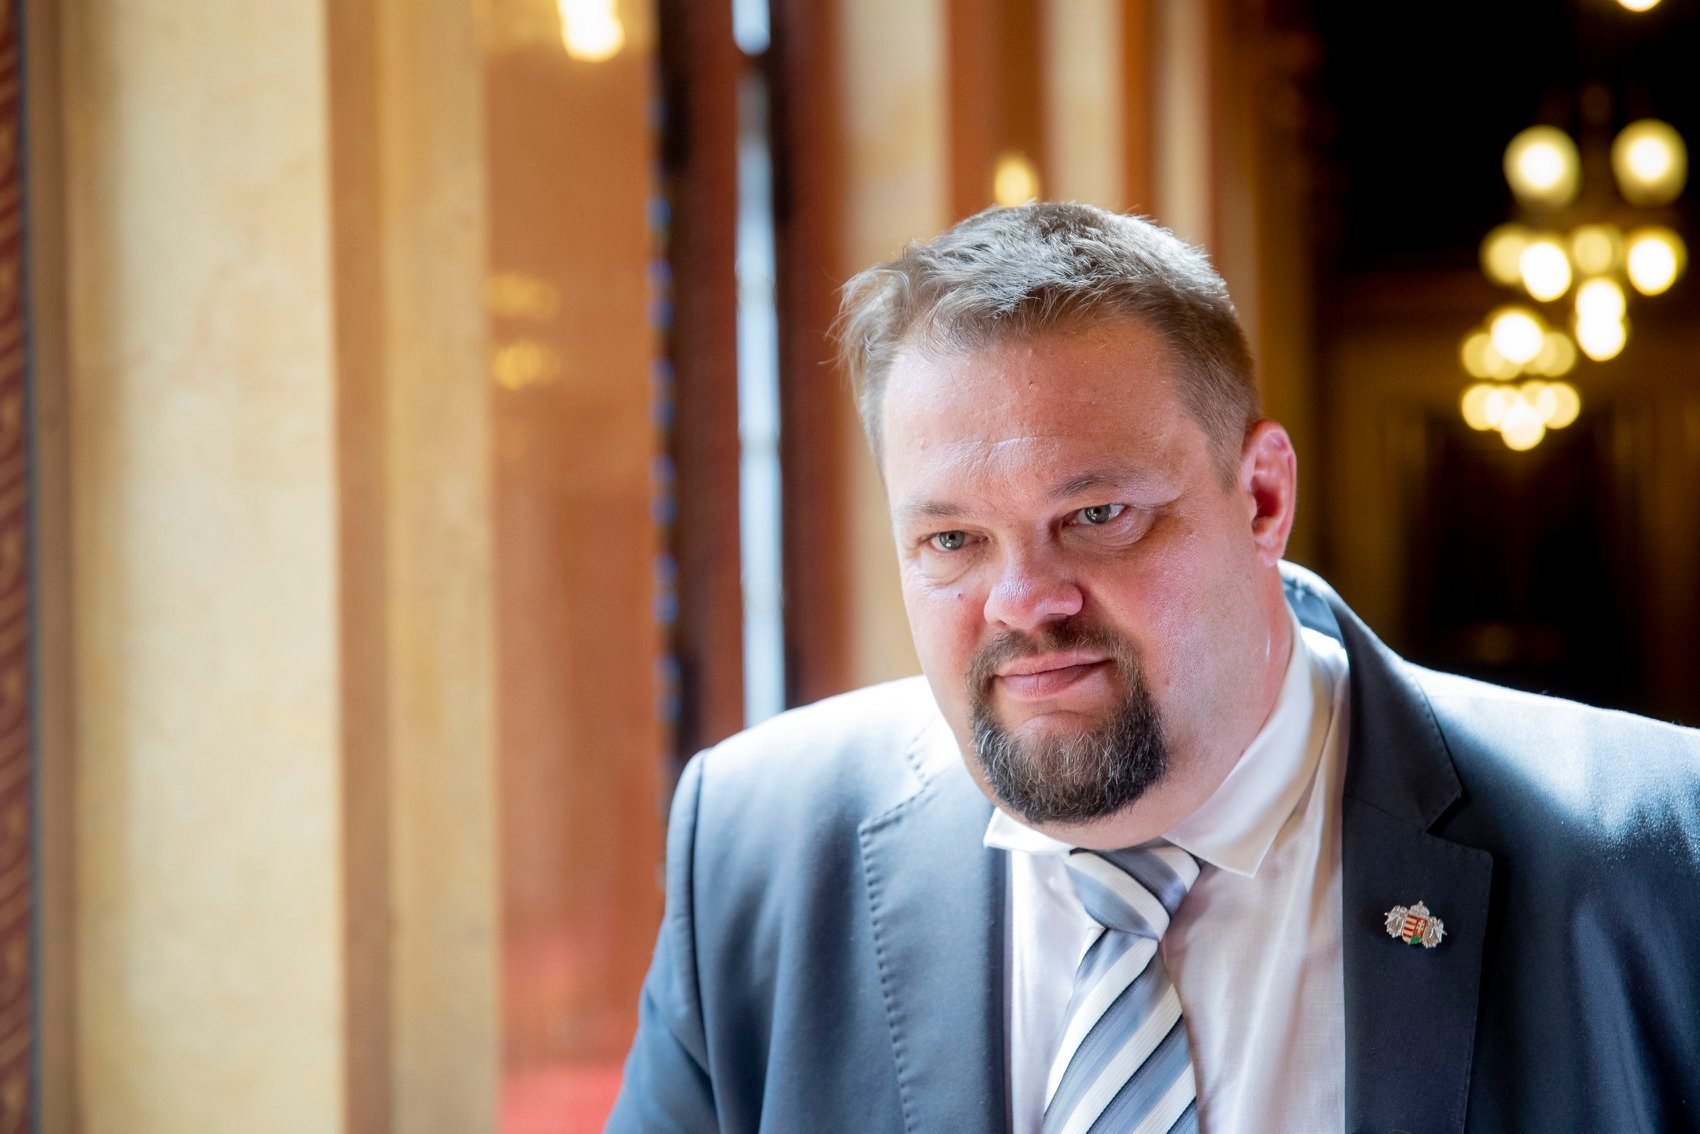 Az ellenzék borsodi jelöltje azt mondja, azért tett antiszemita kijelentéseket, mert kapaszkodókat keresett a Fidesz-kétharmad miatt